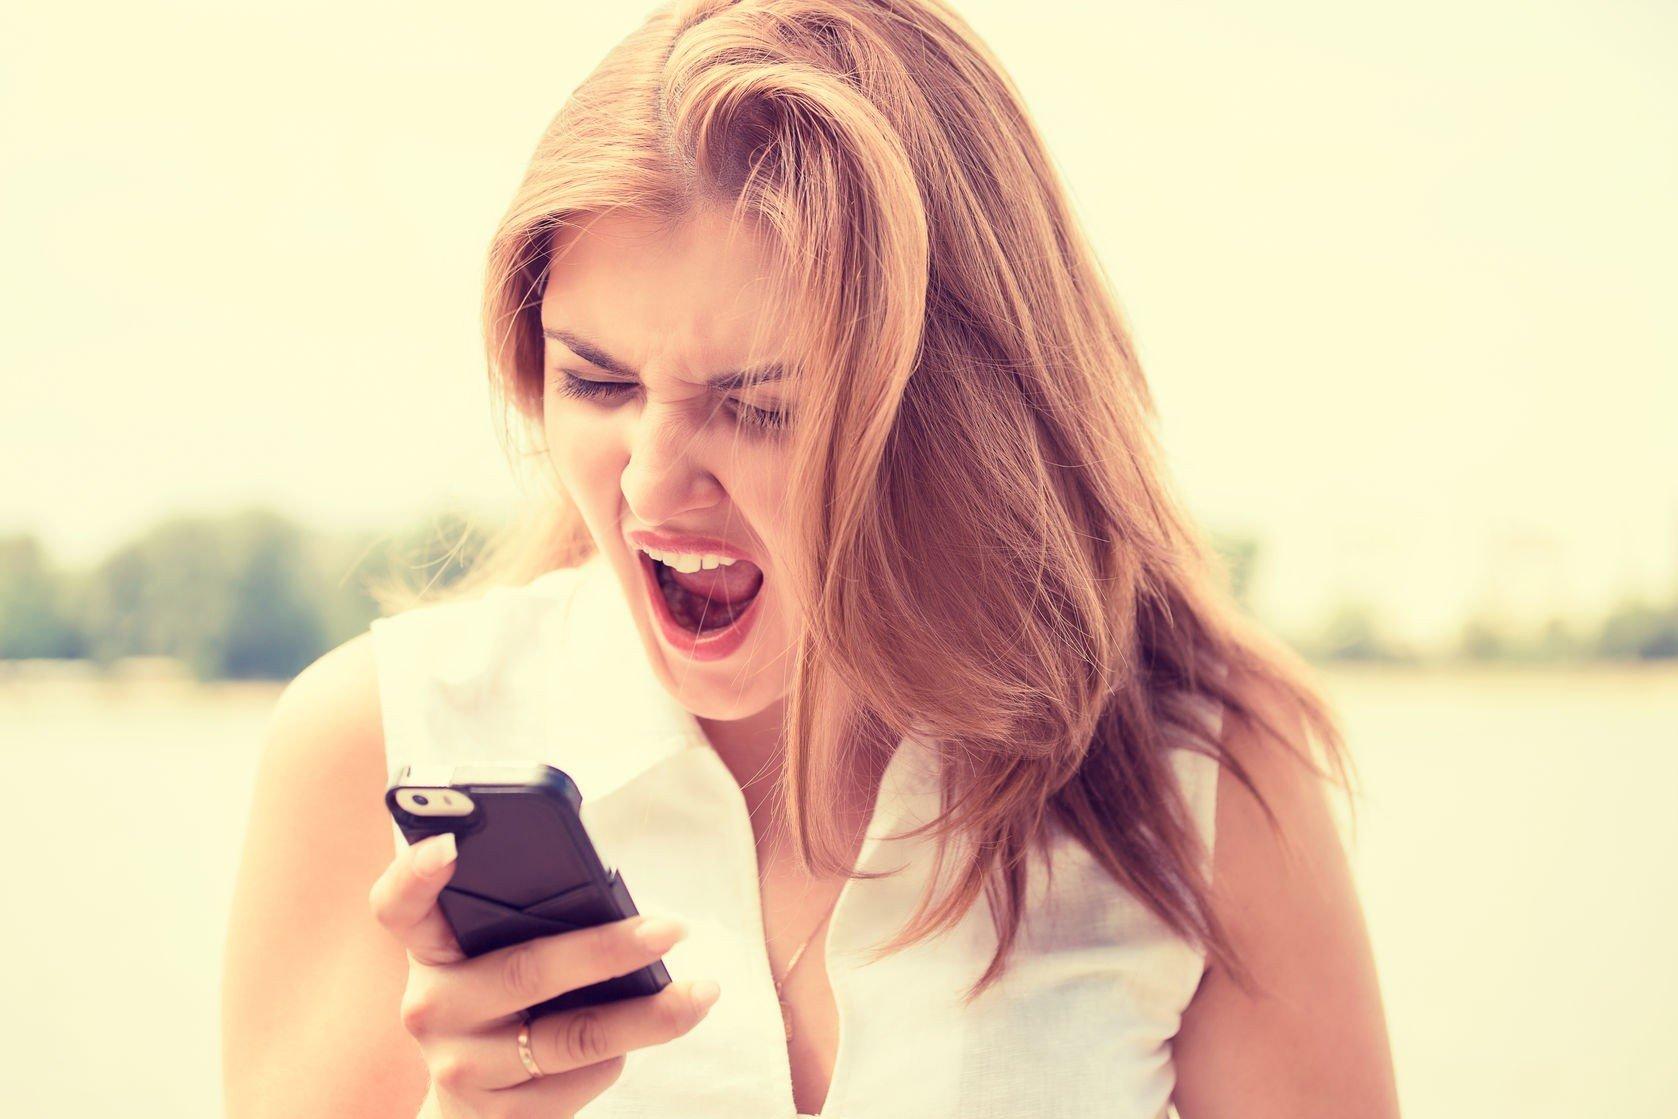 Slachtoffer van sexting? Dit kan je wél doen!